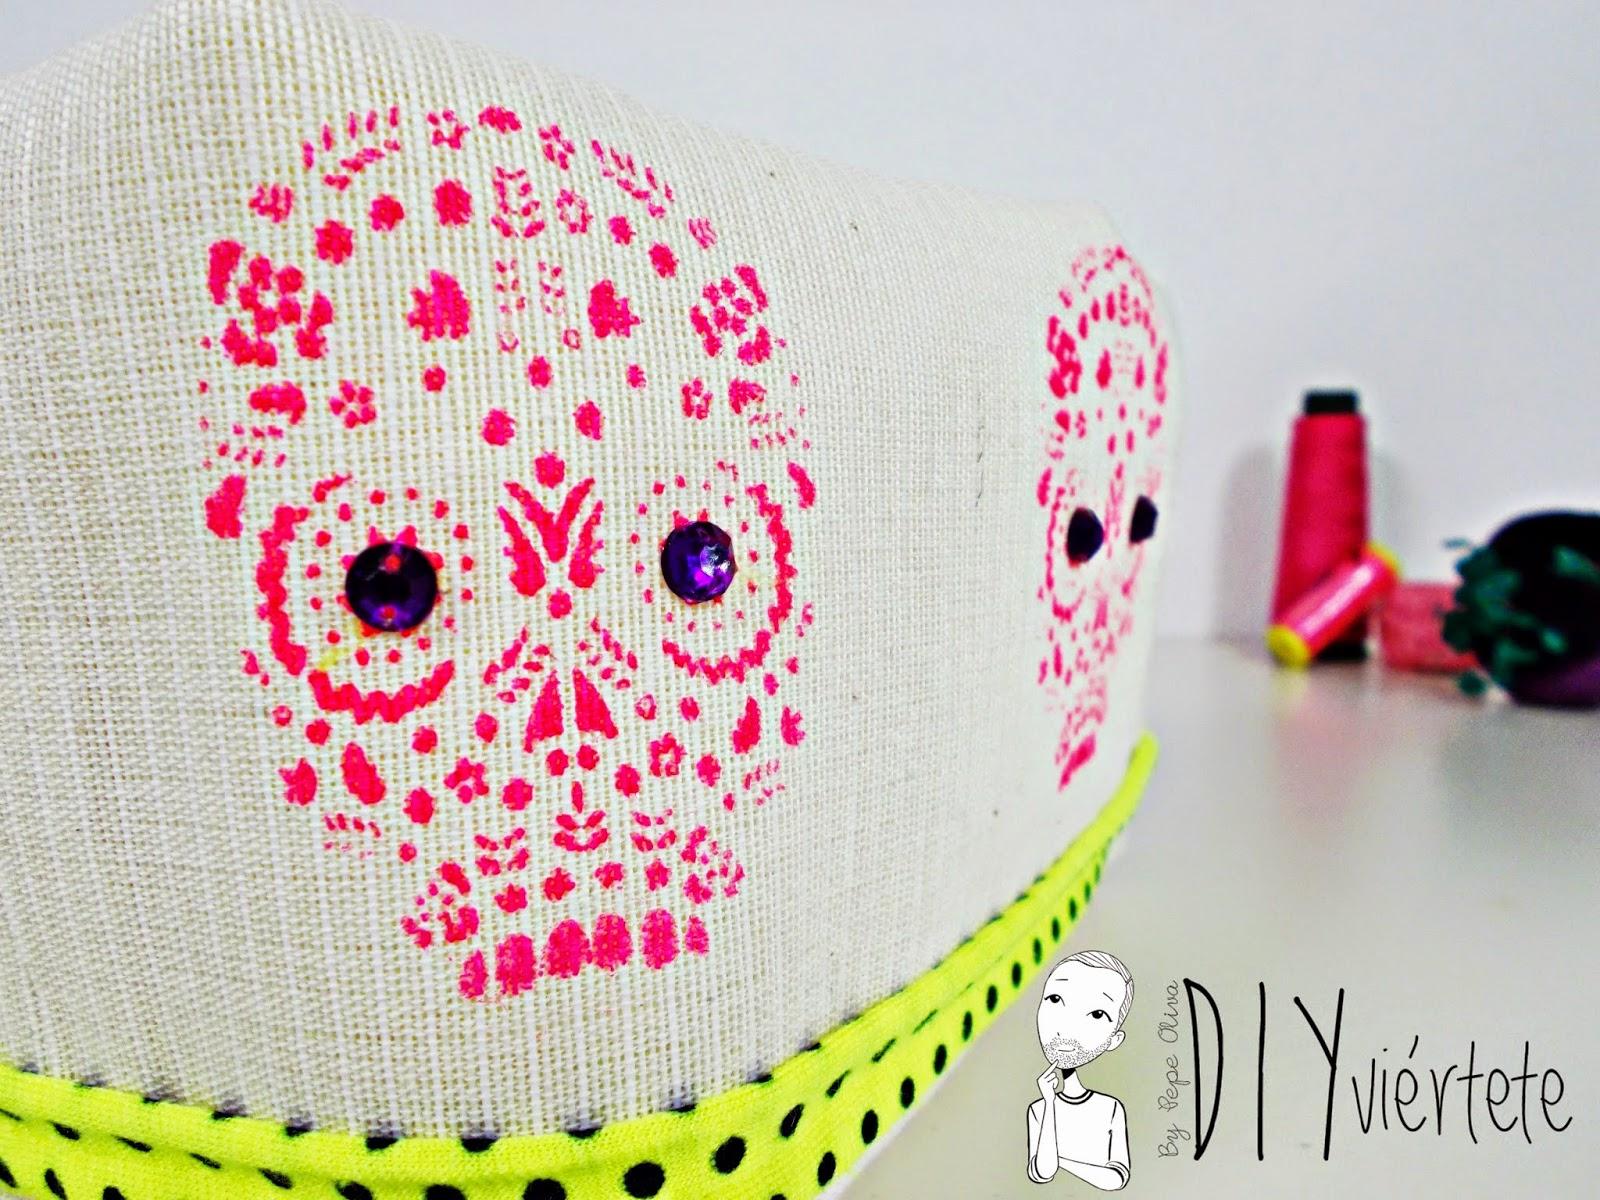 DIY-cesto-costura-tela-calavera-día de muertos-México-flúor-trapillo-halloween-caramelos-3